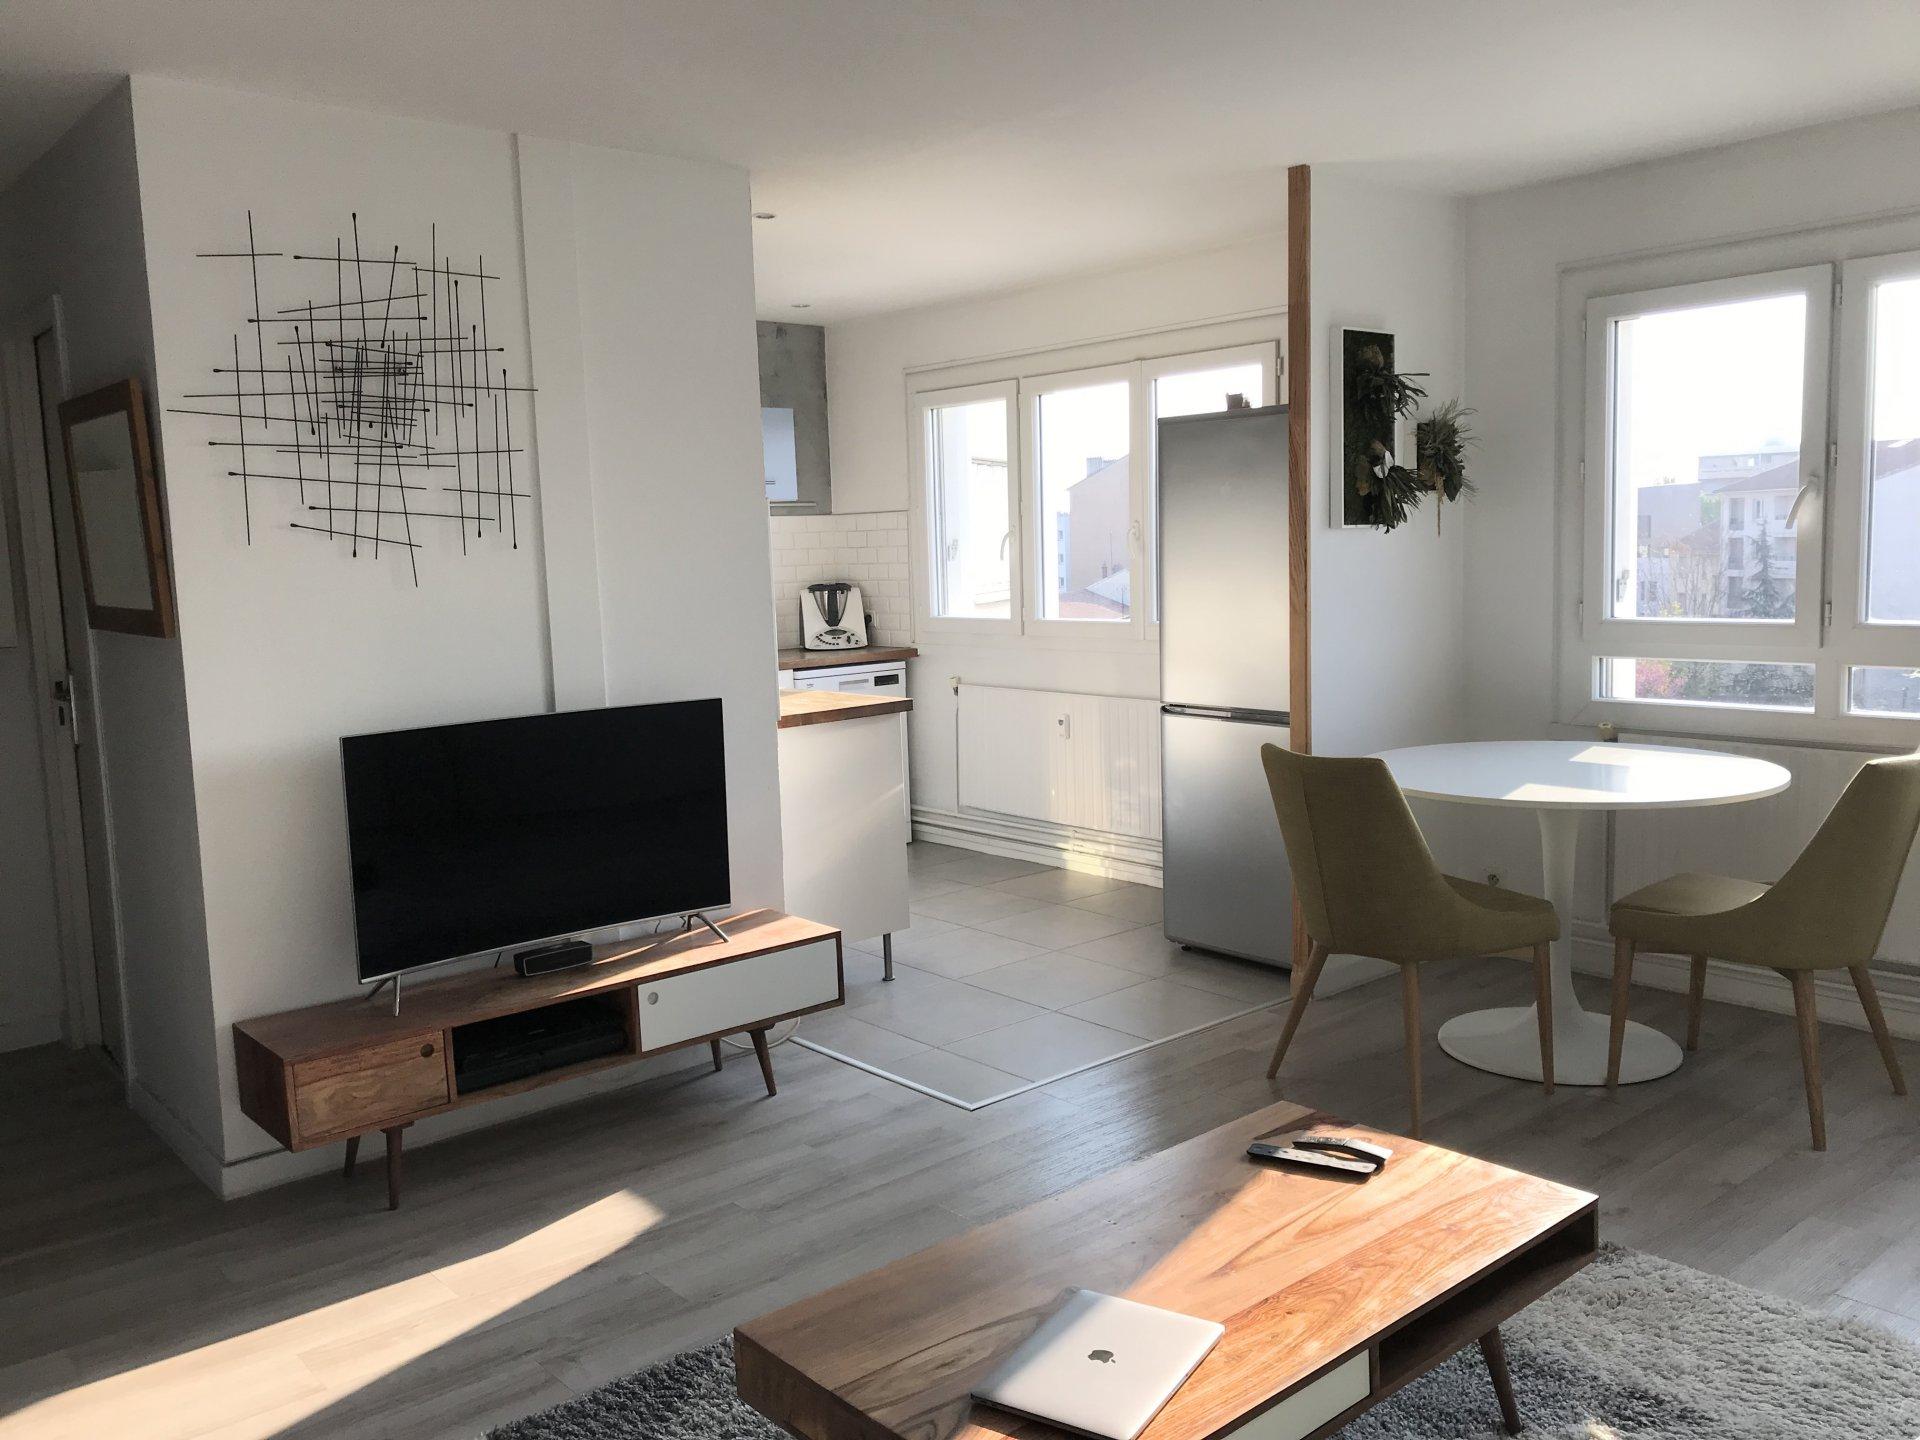 Achat Appartement Surface de 46 m²/ Total carrez : 46 m², 2 pièces, Lyon 7ème (69007)